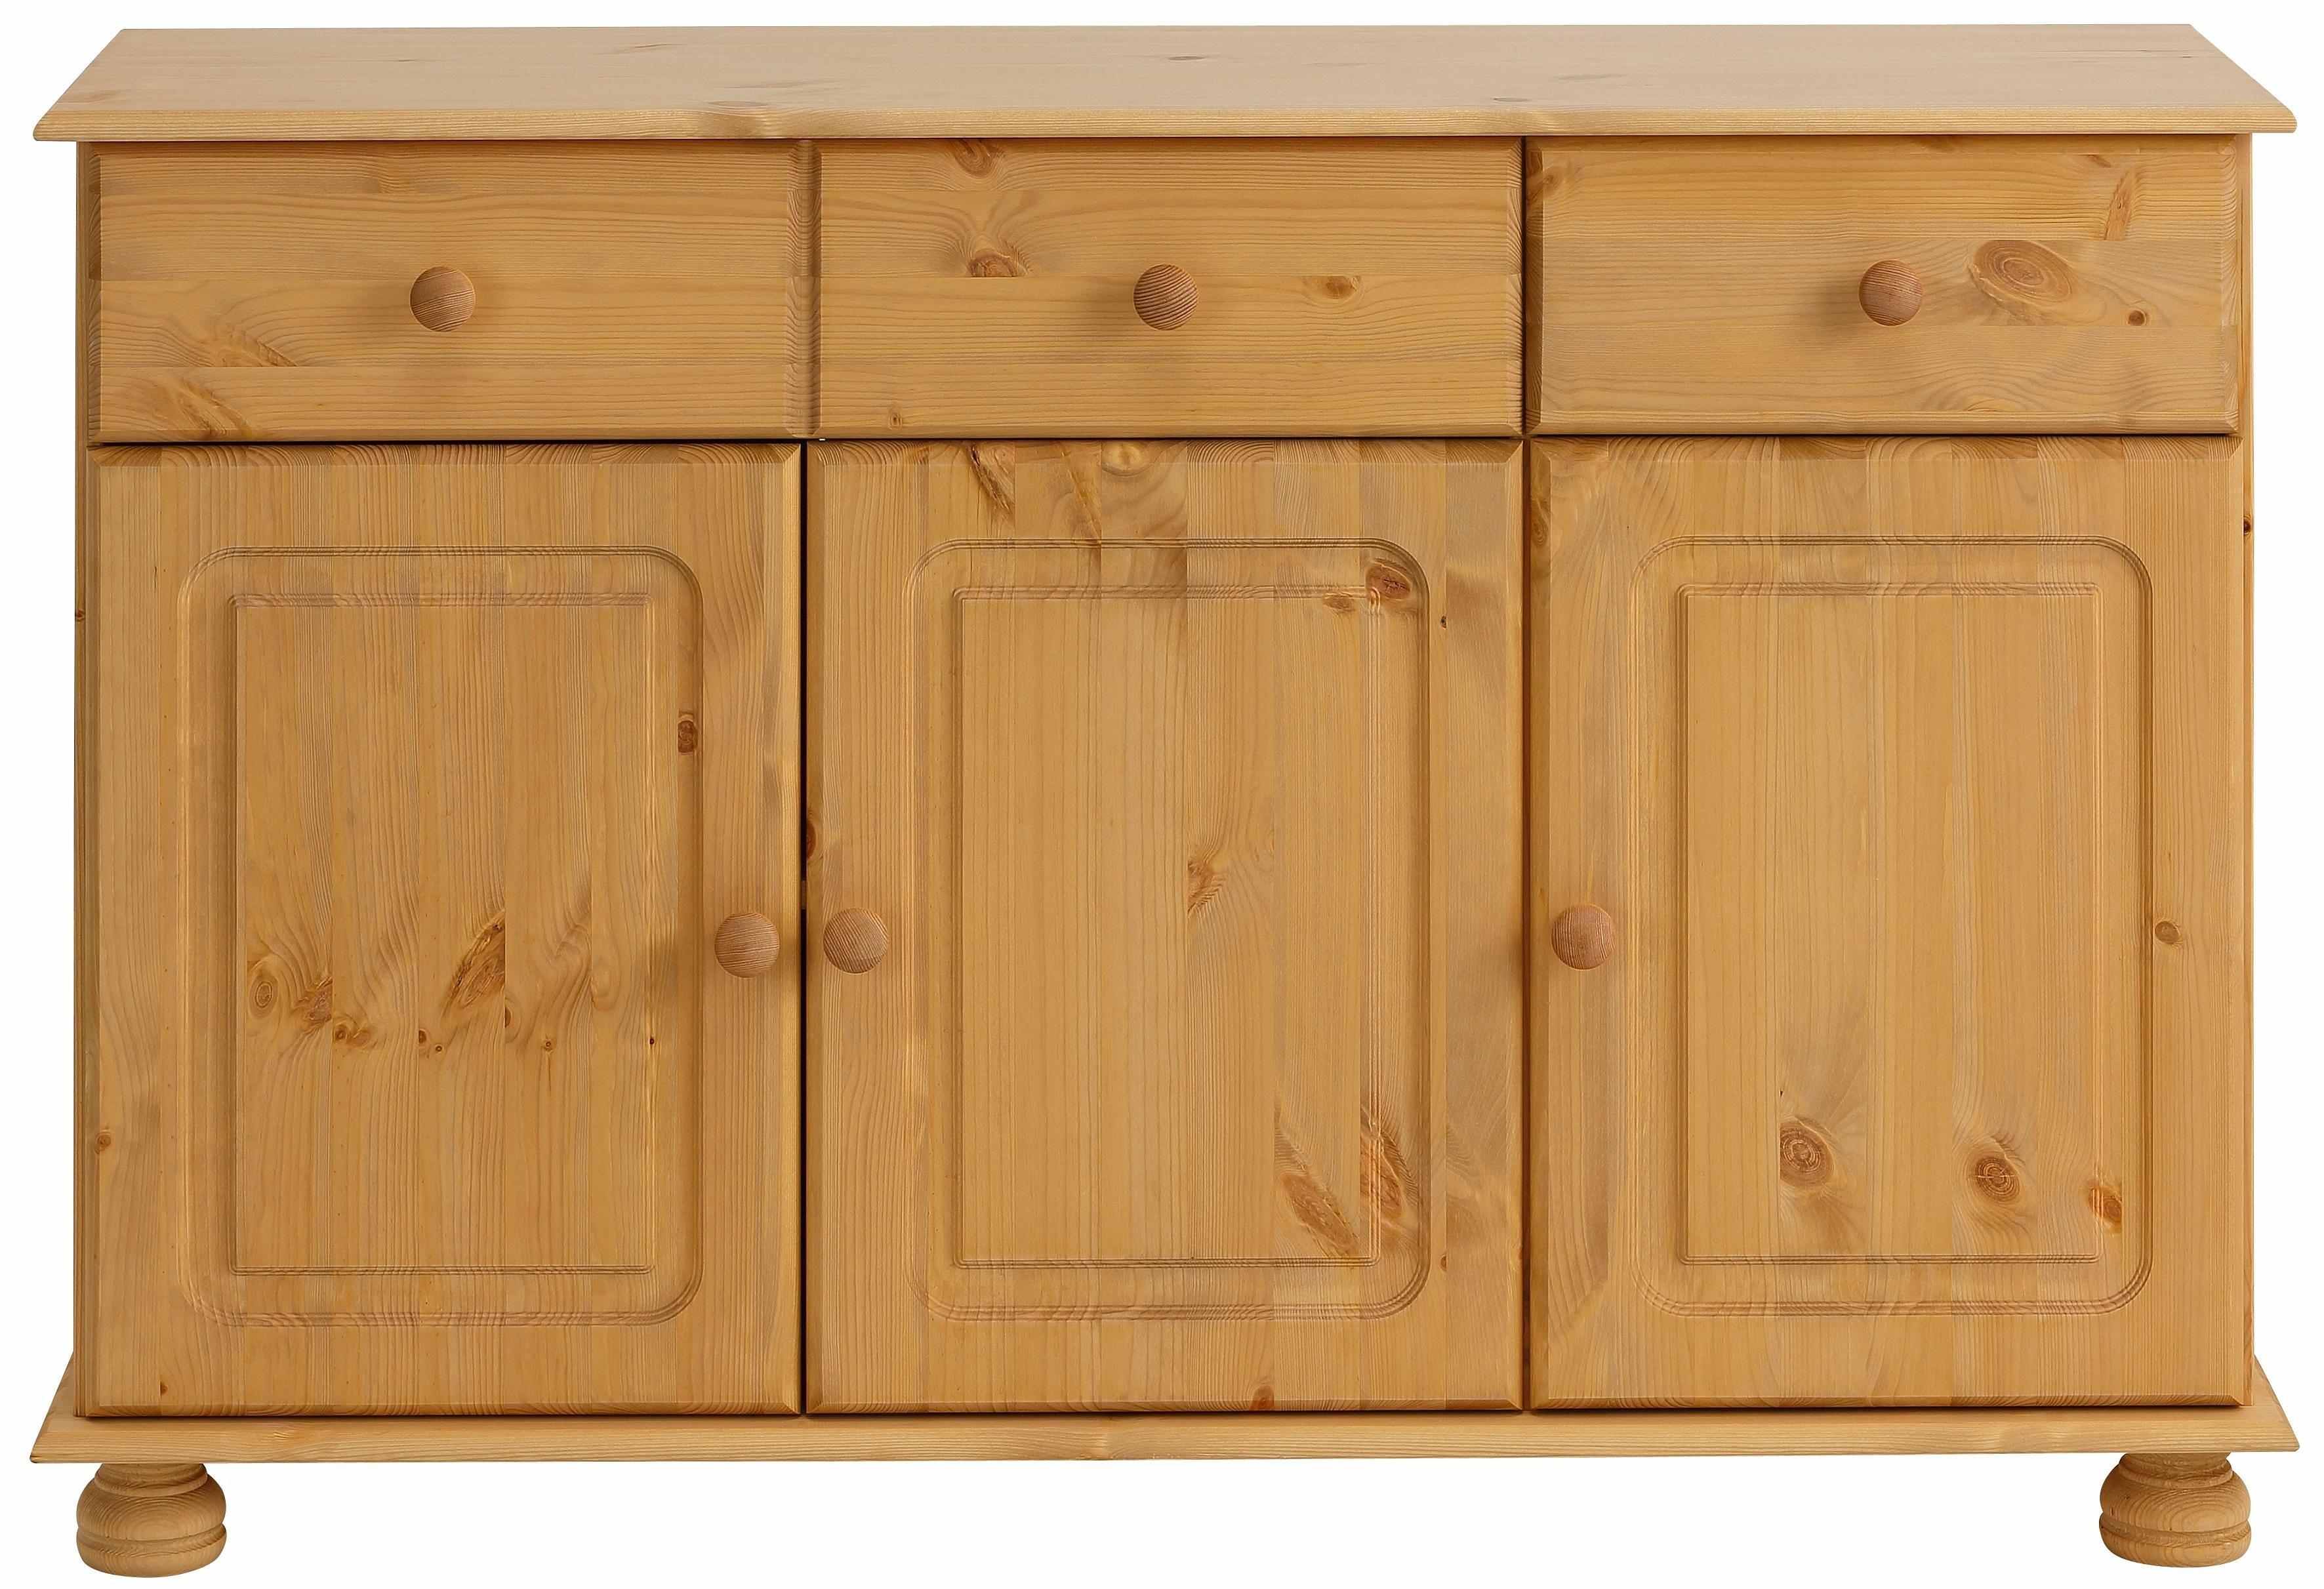 Home affaire dressoir Mette met gefreesde, bolvormige poten, breedte 120 cm nu online bestellen